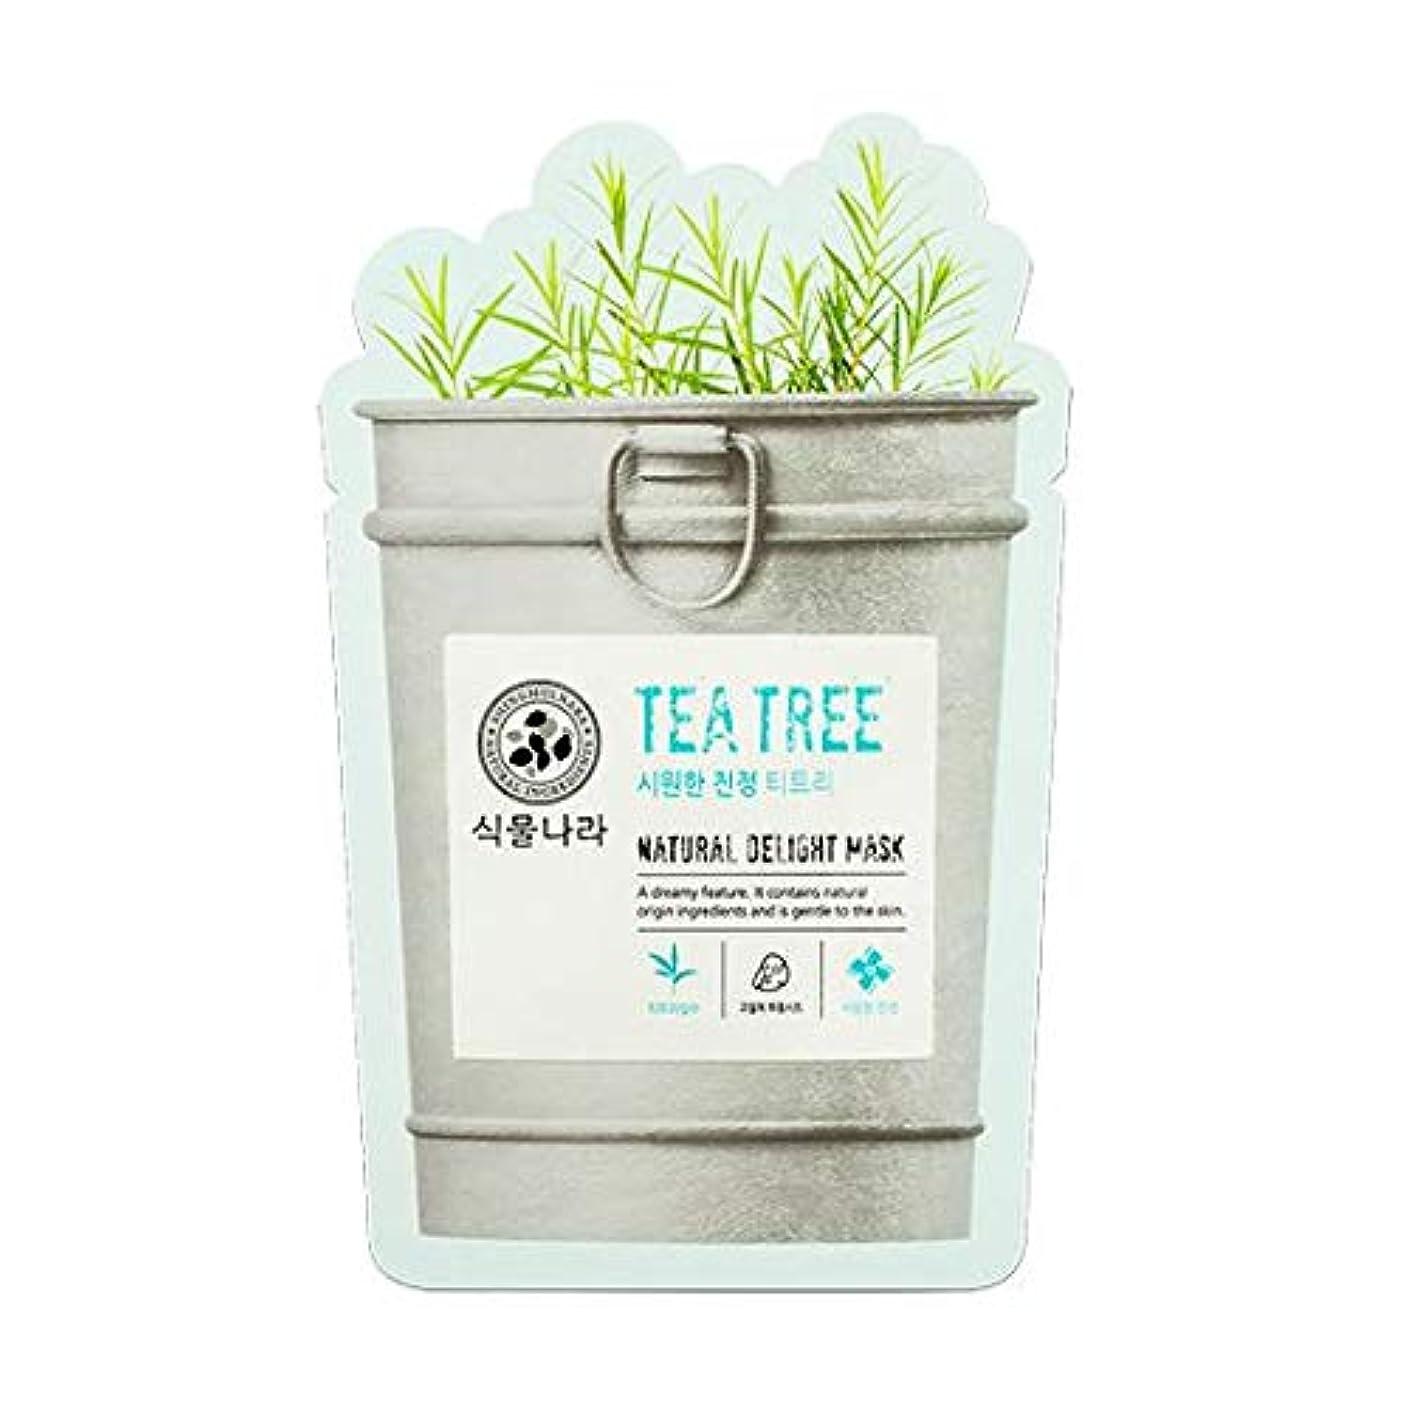 原理障害保証金SHINGMULNARA 植物ナラ ナチュラル デライト マスクパック ティートリ/アロエ/炭/蜜 韓国オリーブ霊遊明商品 (ティートリー (Tea Tree) 5pack)